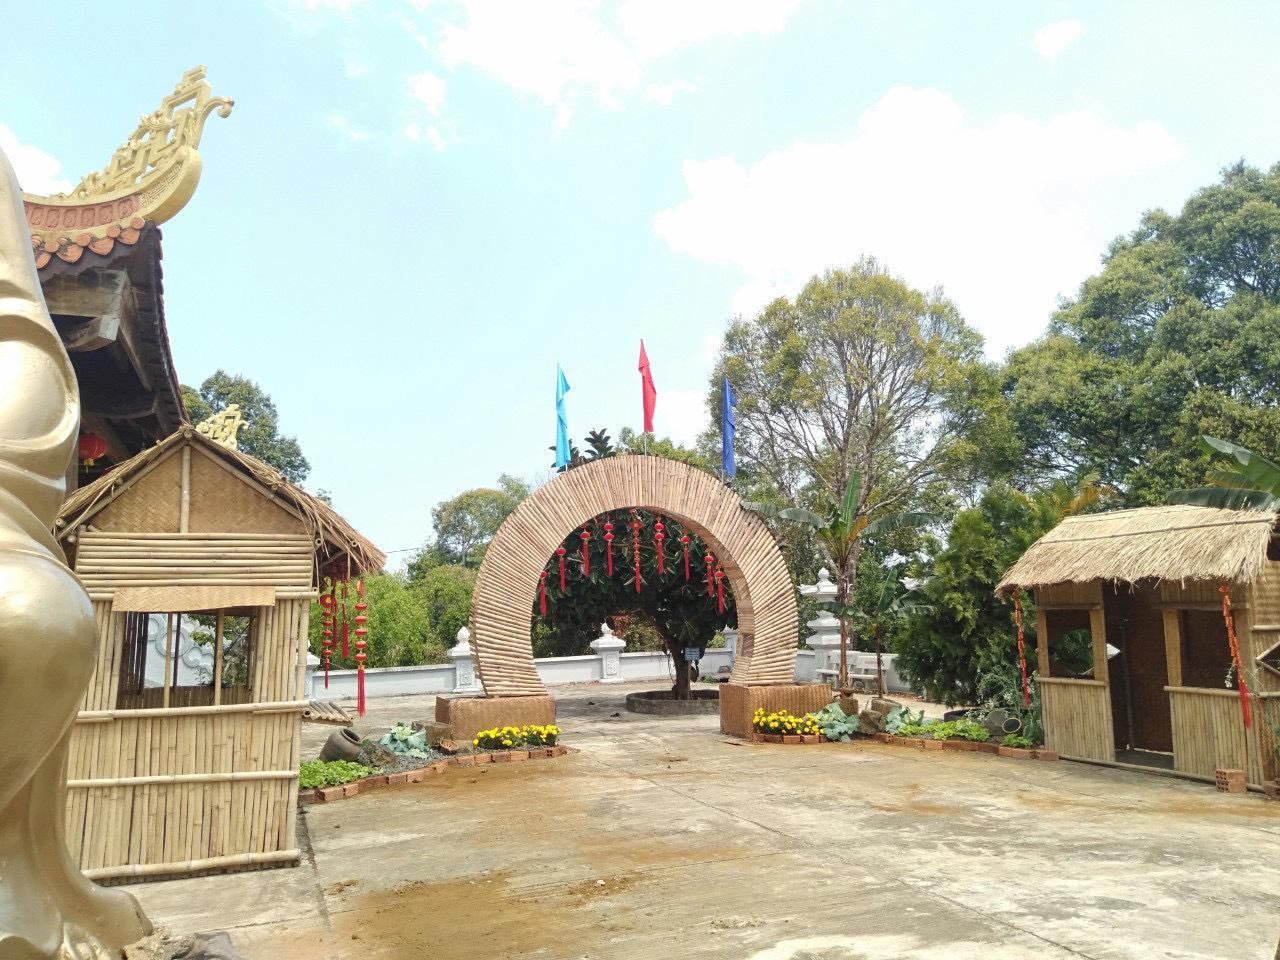 Thi công tre trúc chuẩn bị cho hội chợ xuân tại HCM và các tỉnh thành lân cận.